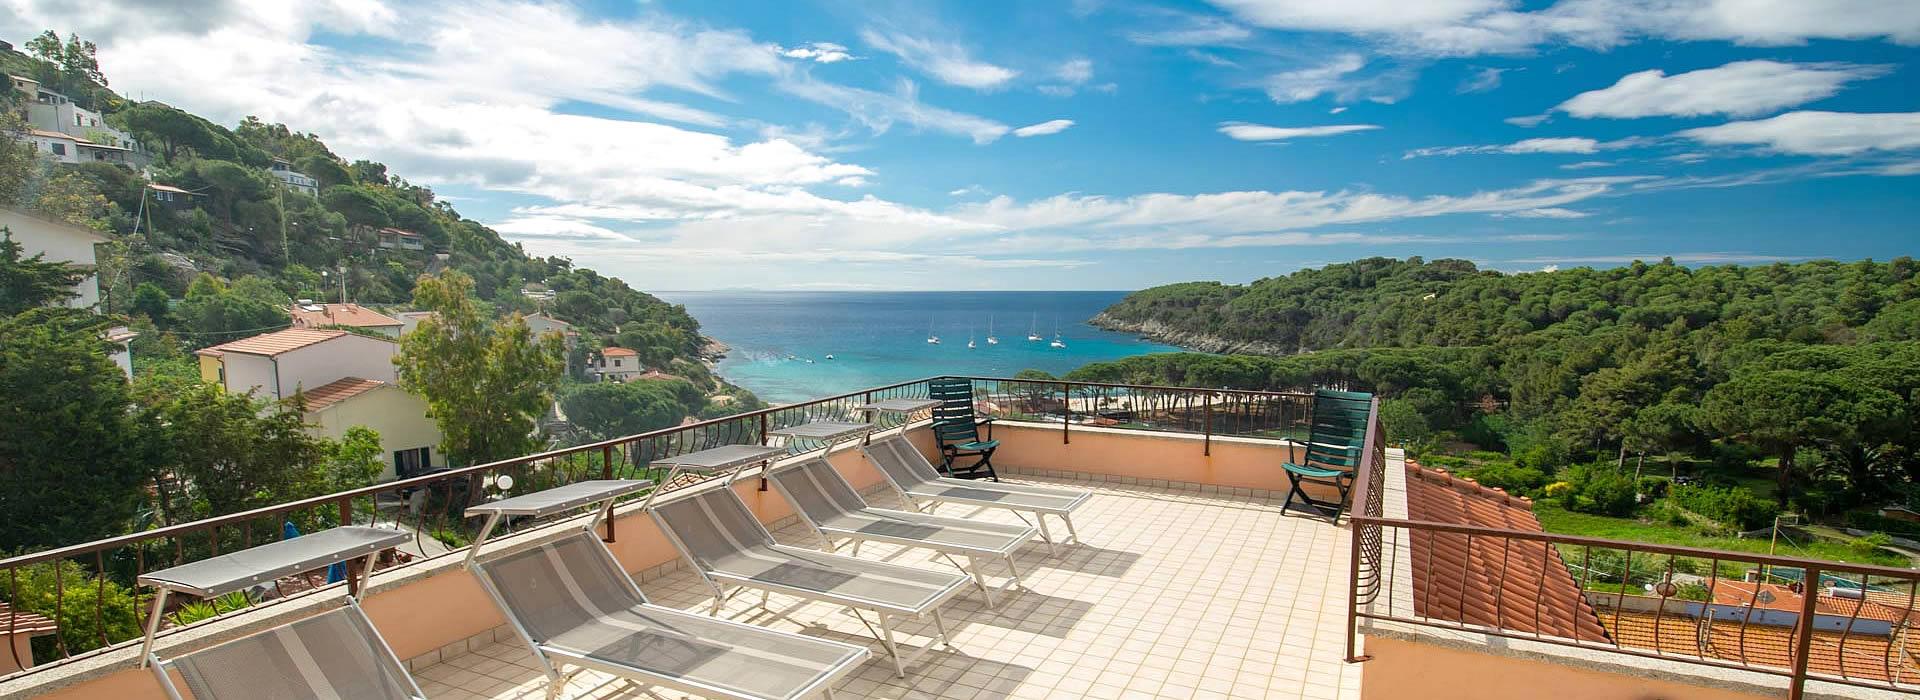 hotel-lo-scirocco-panoramica